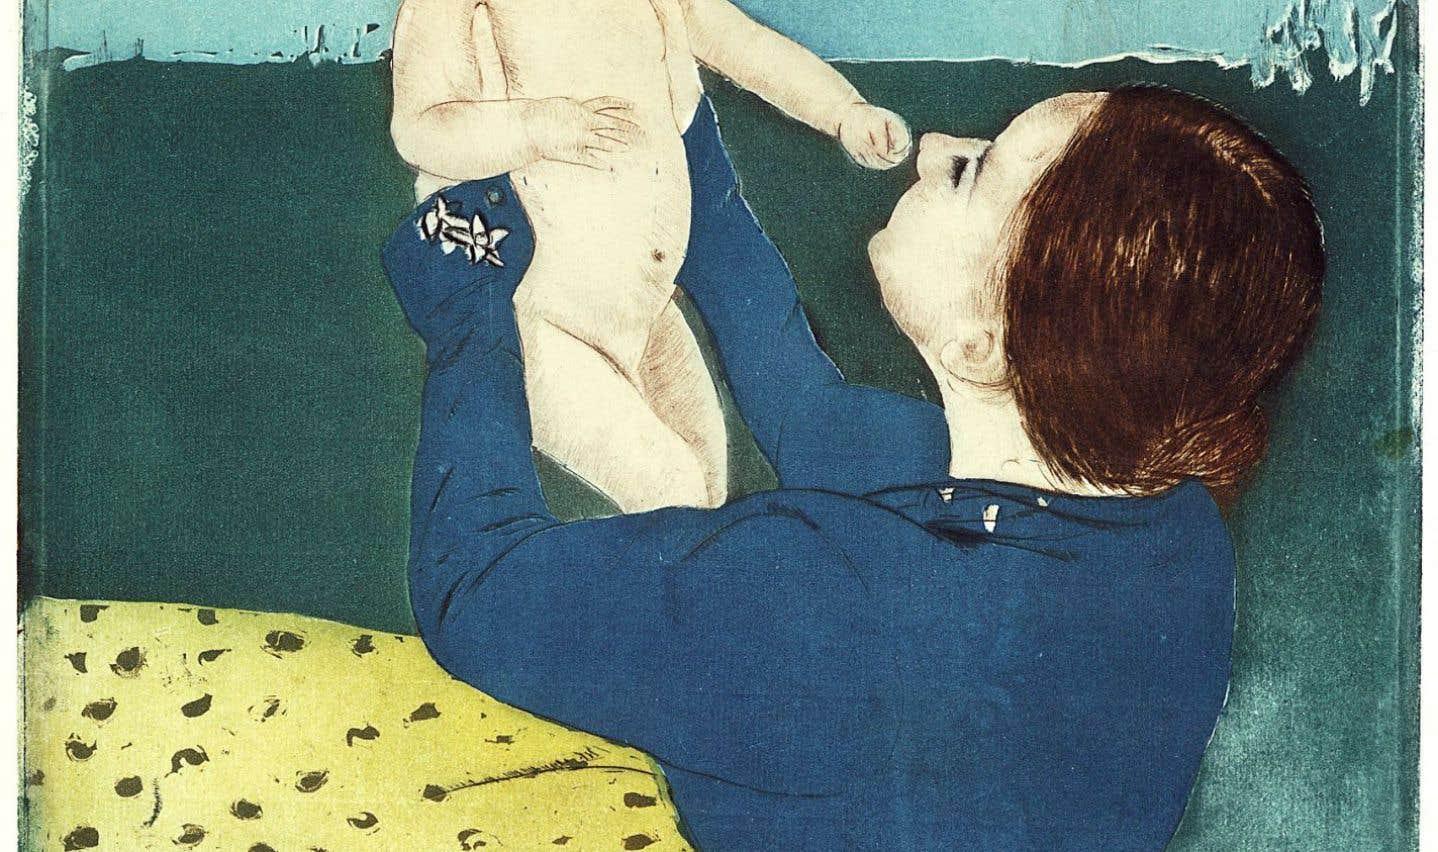 L'œuvre de Mary Stevenson Cassatt, Sous le marronnier, peint vers 1895, fait partie des peintures de l'exposition qui illustrent l'influence du Japon sur les peintres occidentaux.